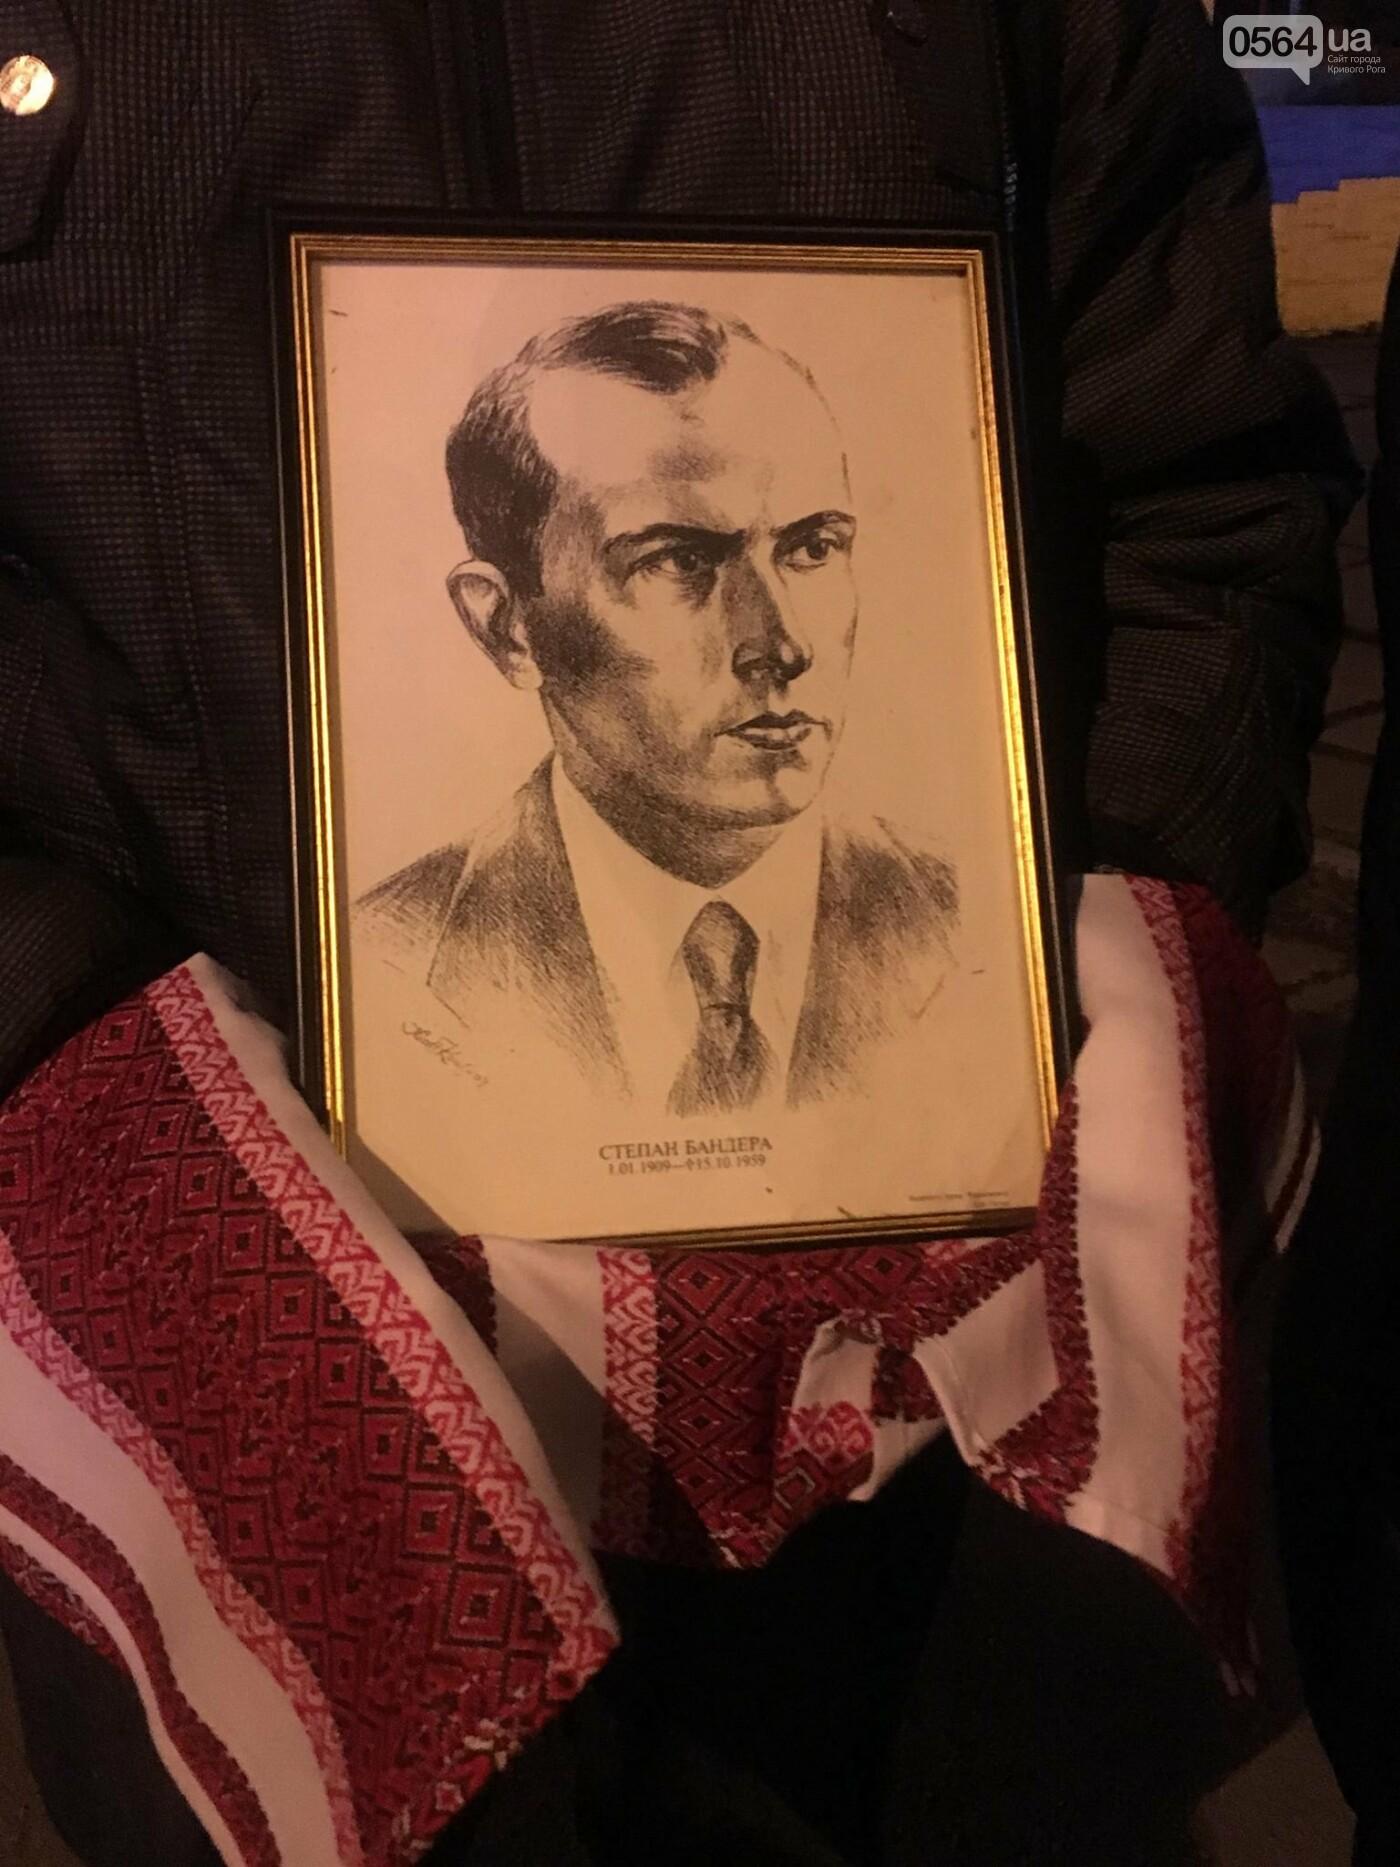 В Кривом Роге проходит Факельный марш в честь Дня рождения Степана Бандеры (ФОТО, ВИДЕО), фото-11